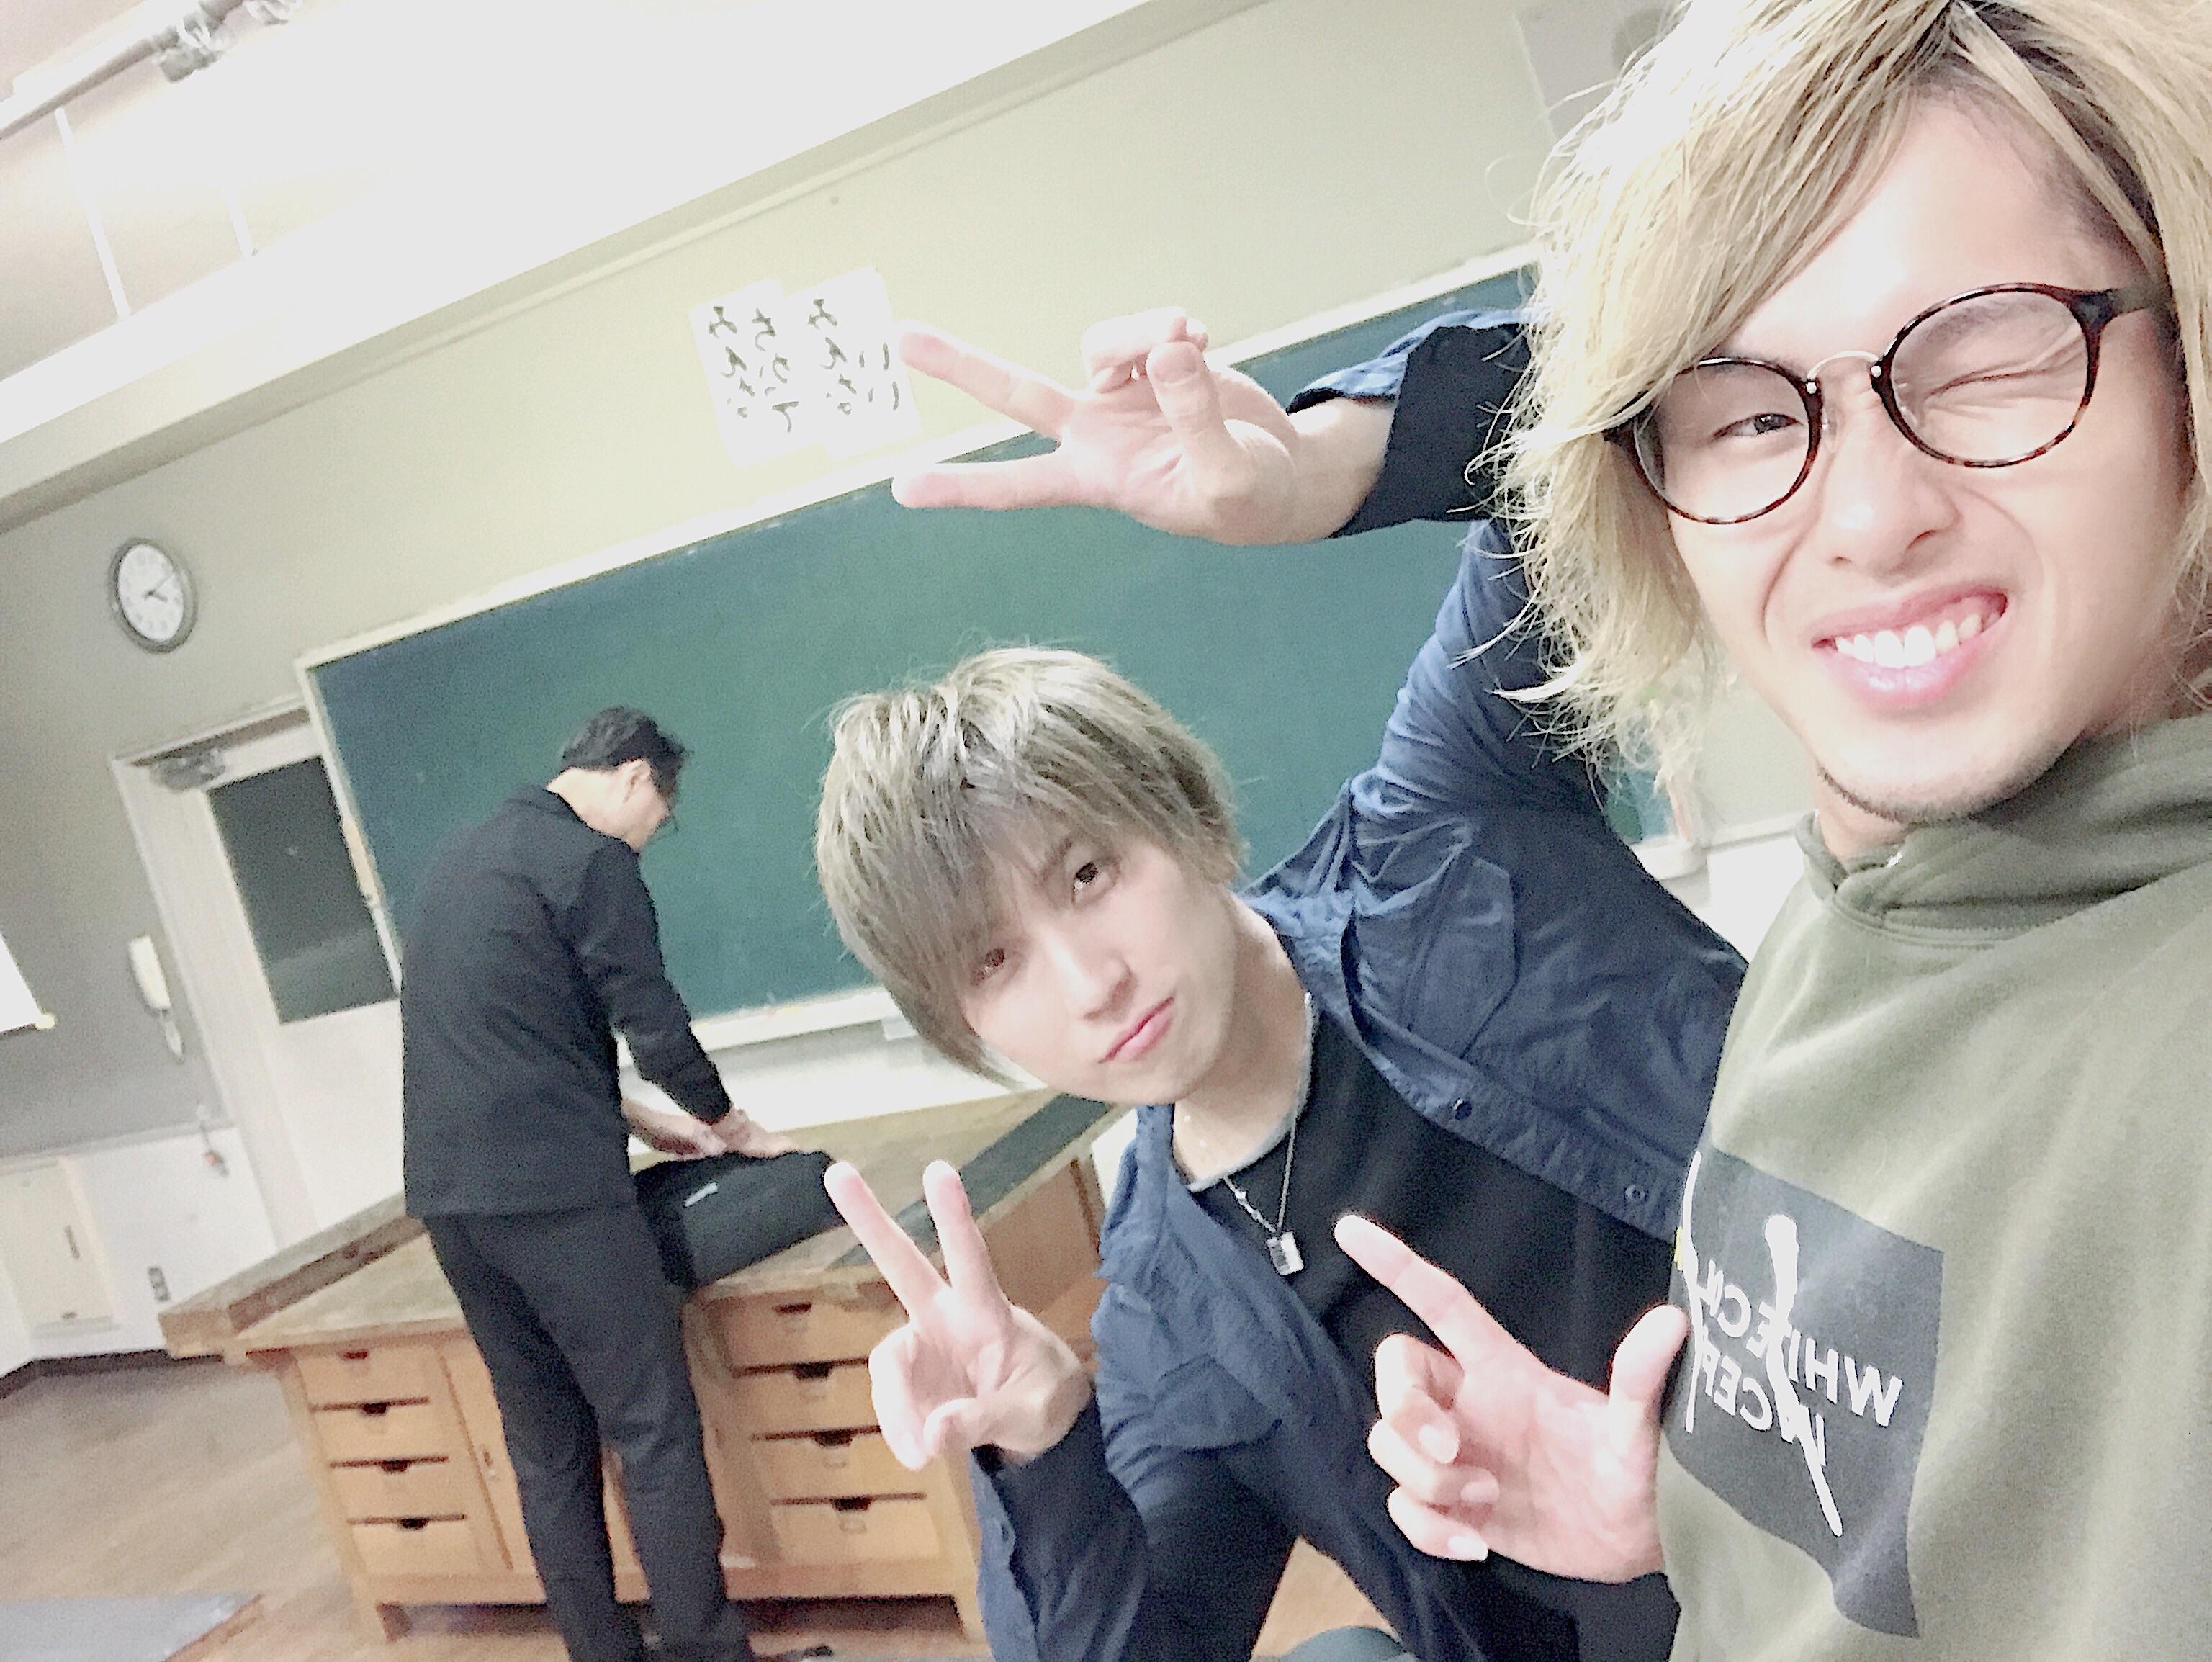 f:id:Yosuke0912:20181012201840j:image